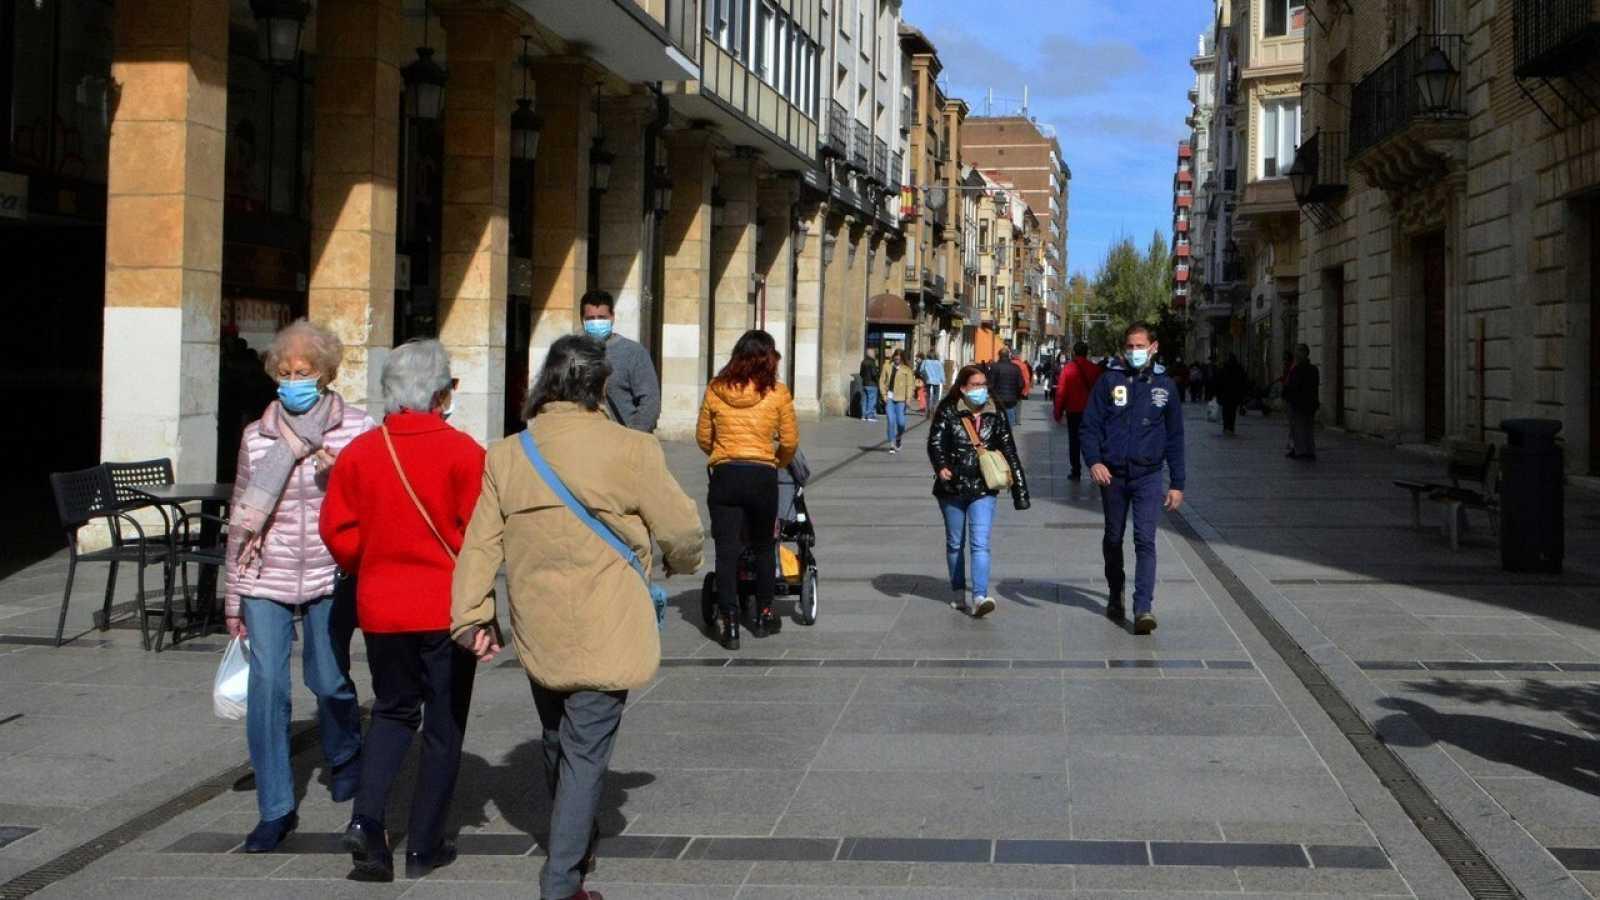 Vista de la calle Mayor de Palencia. La ciudad tiene desde hoy restricciones de movilidad perimetral, las mismas medidas que las que ya se aplican en Madrid, y durante al menos 14 días. EFE/ Almudena Alvarez